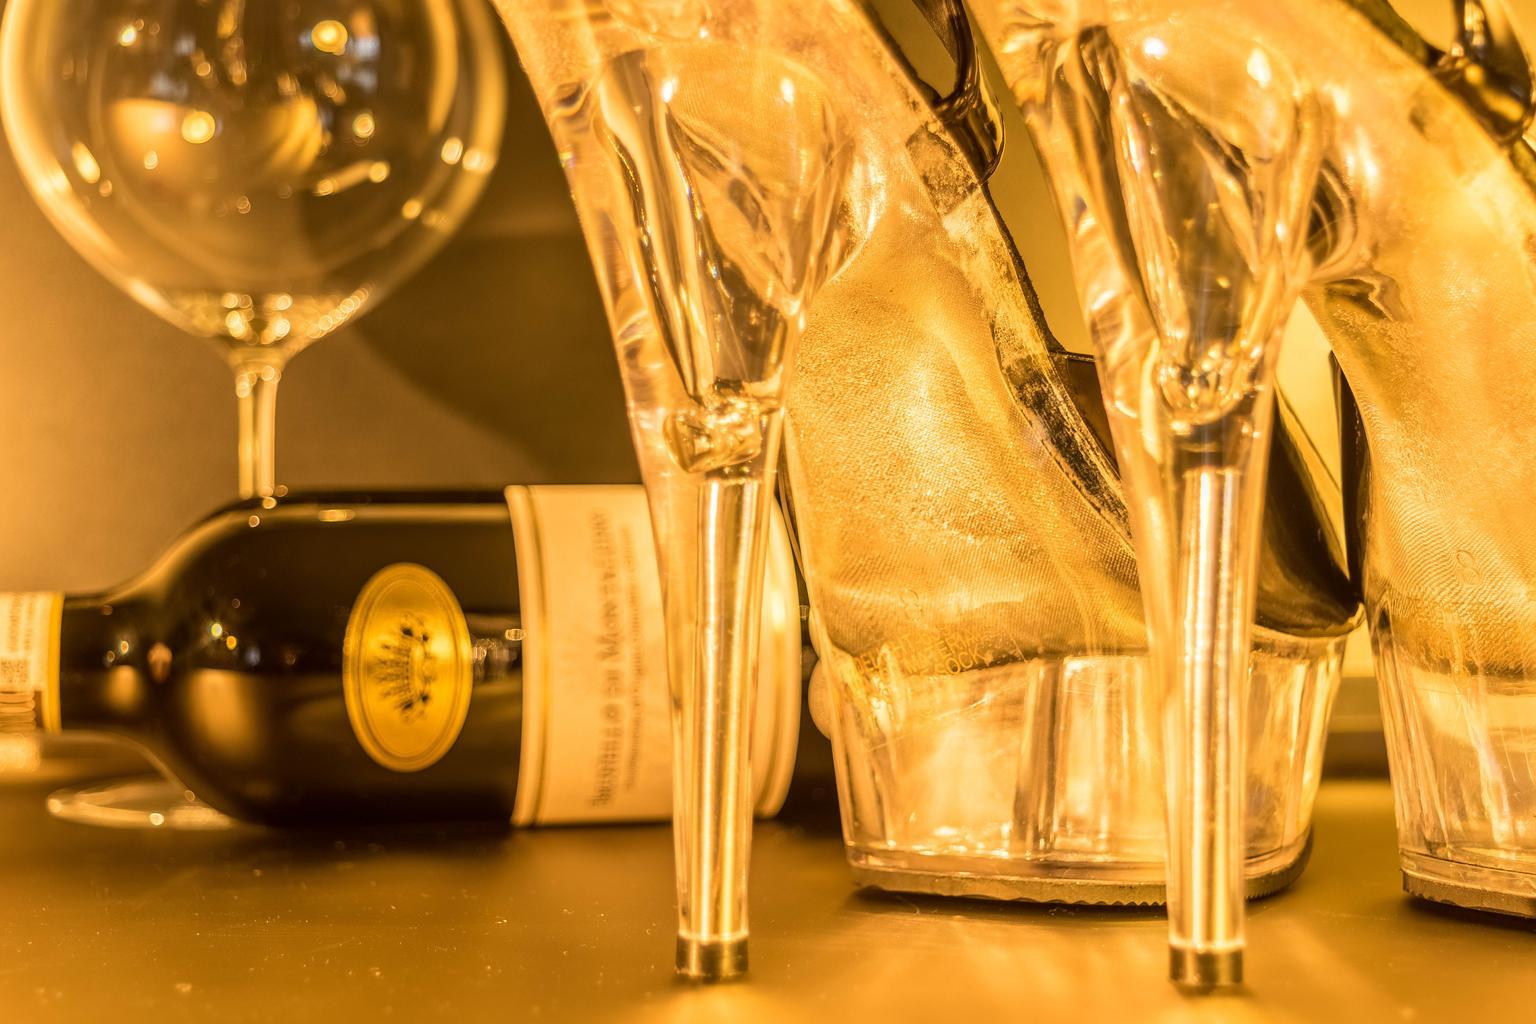 topánky na podätkoch, fľaša vína